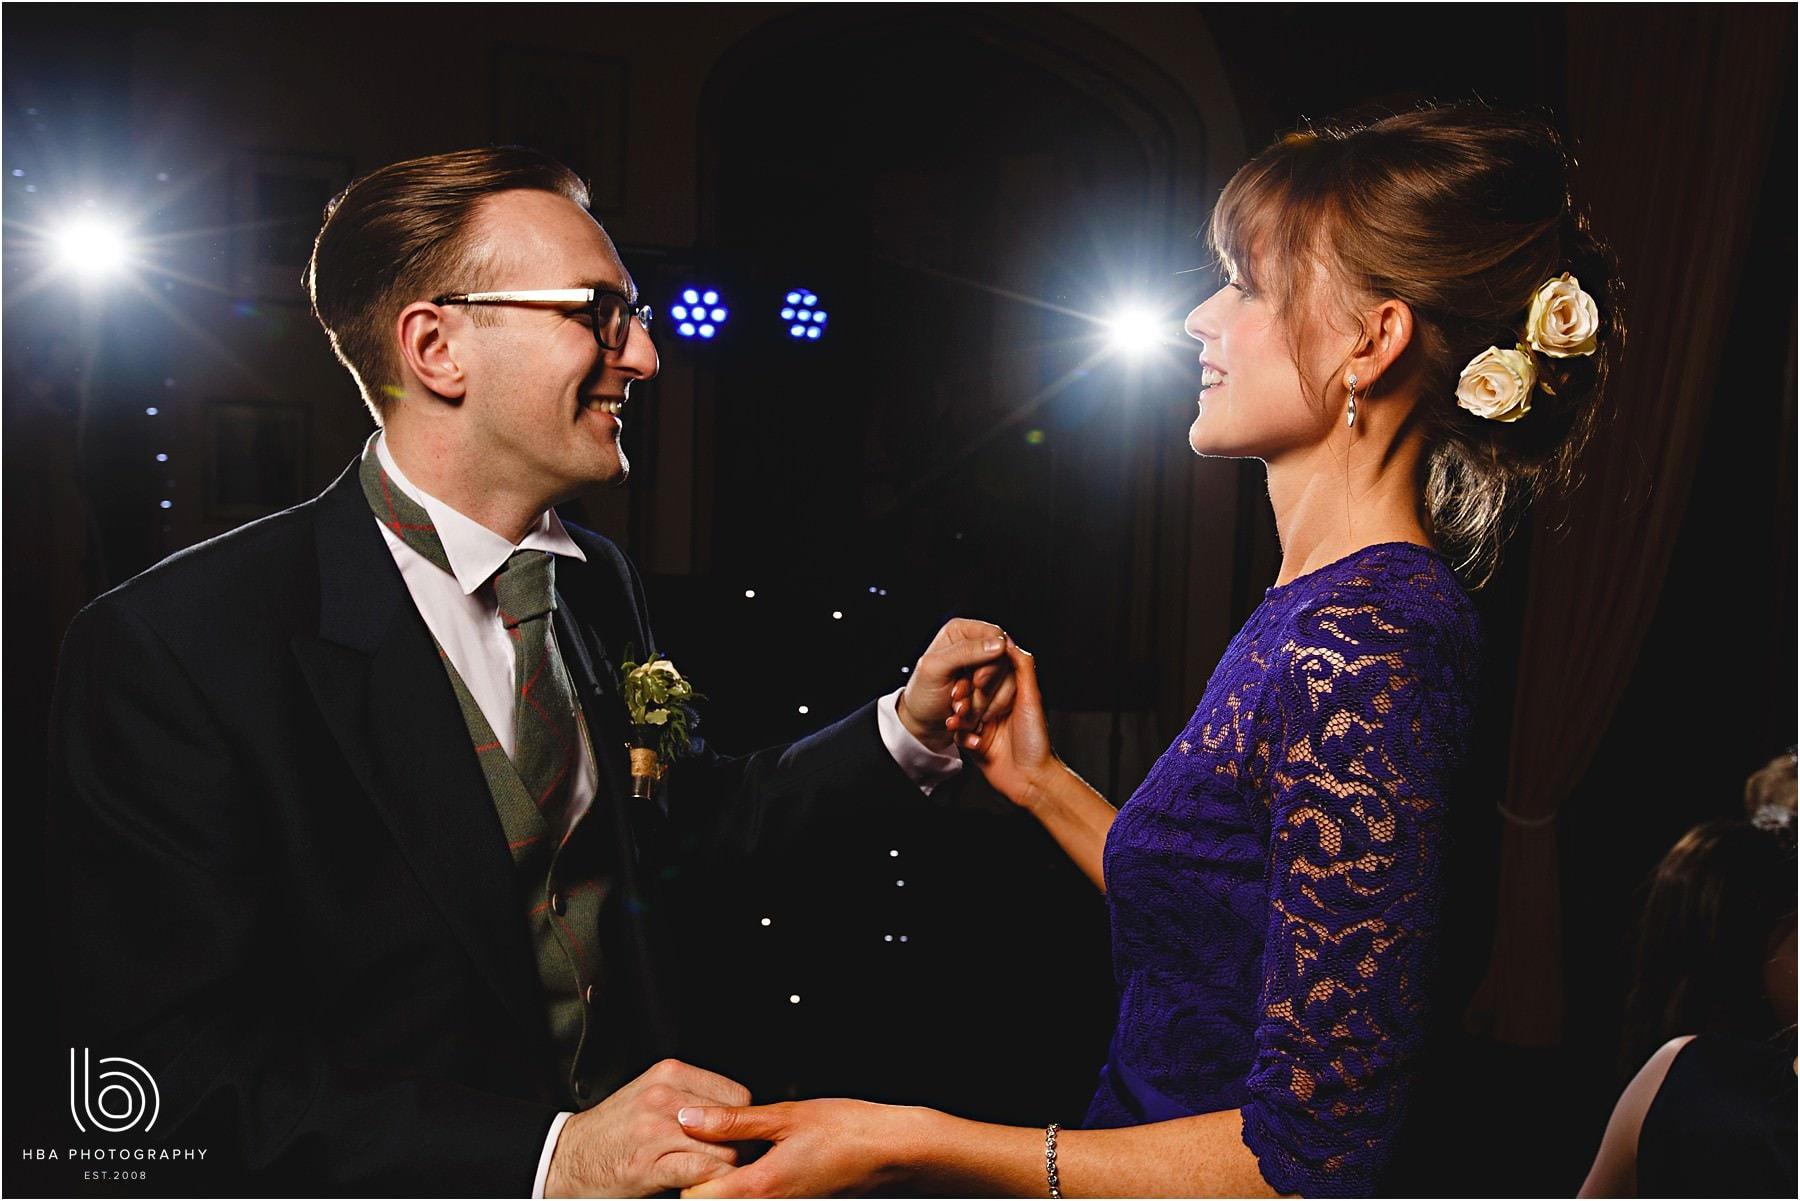 Wedding couples on the dancefloor